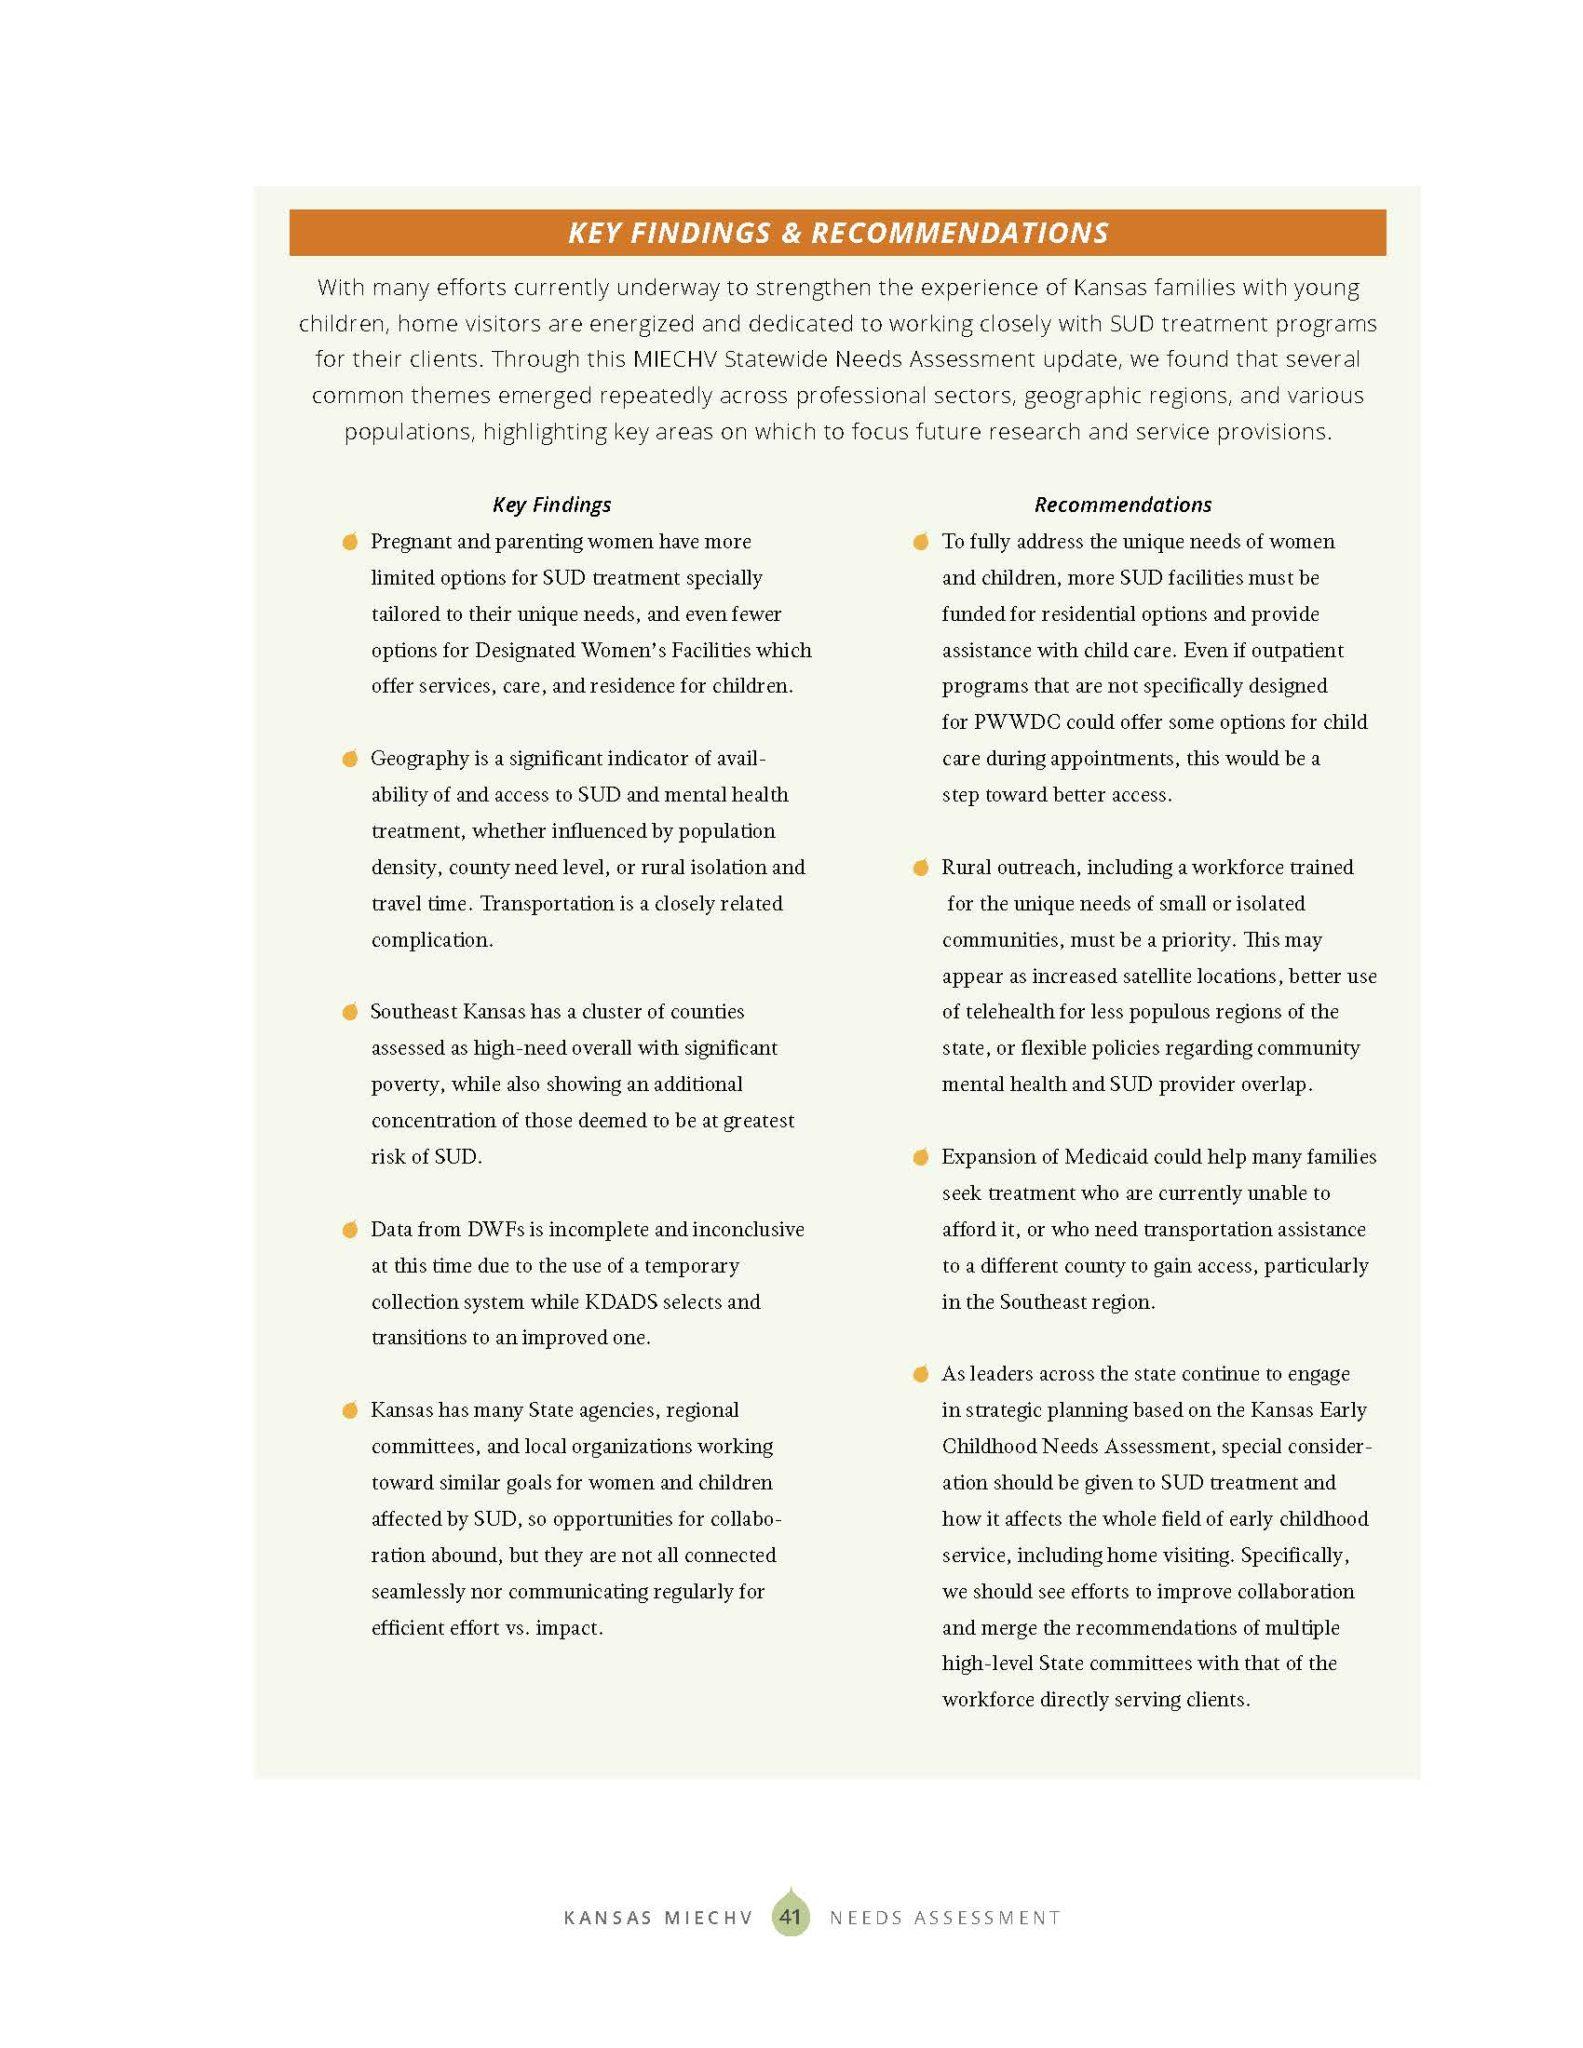 KS MIECHV 2020 Needs Assessment_DIGITAL_Page_049